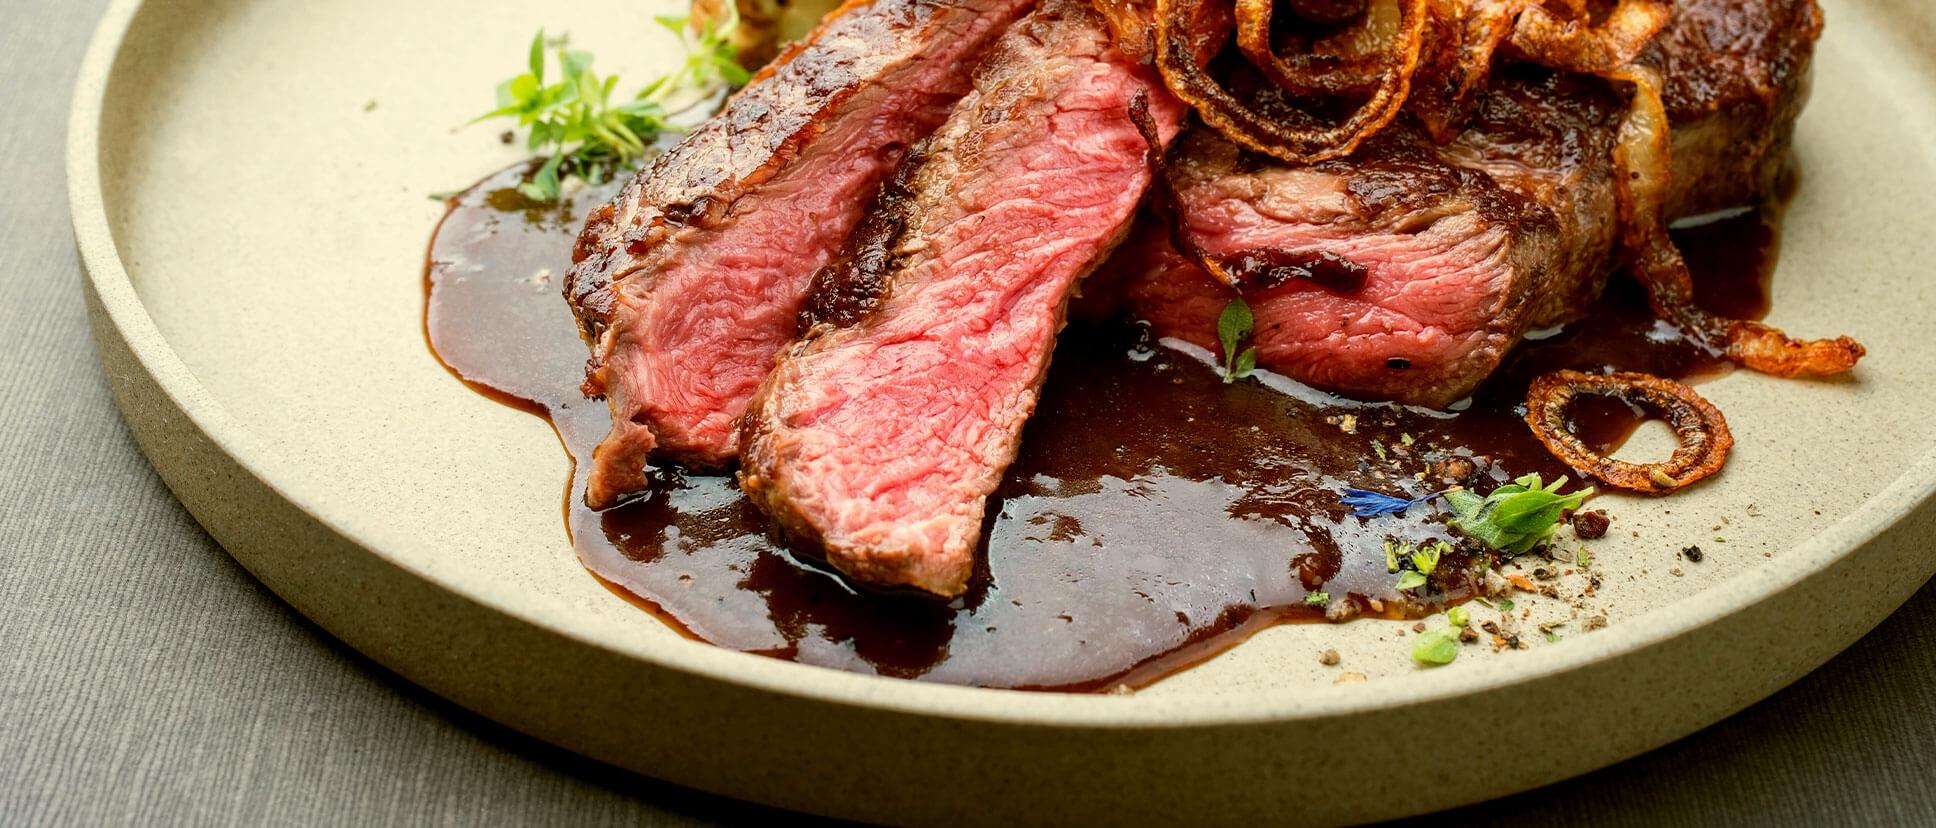 repas steak avec accompagnement dans une assiette